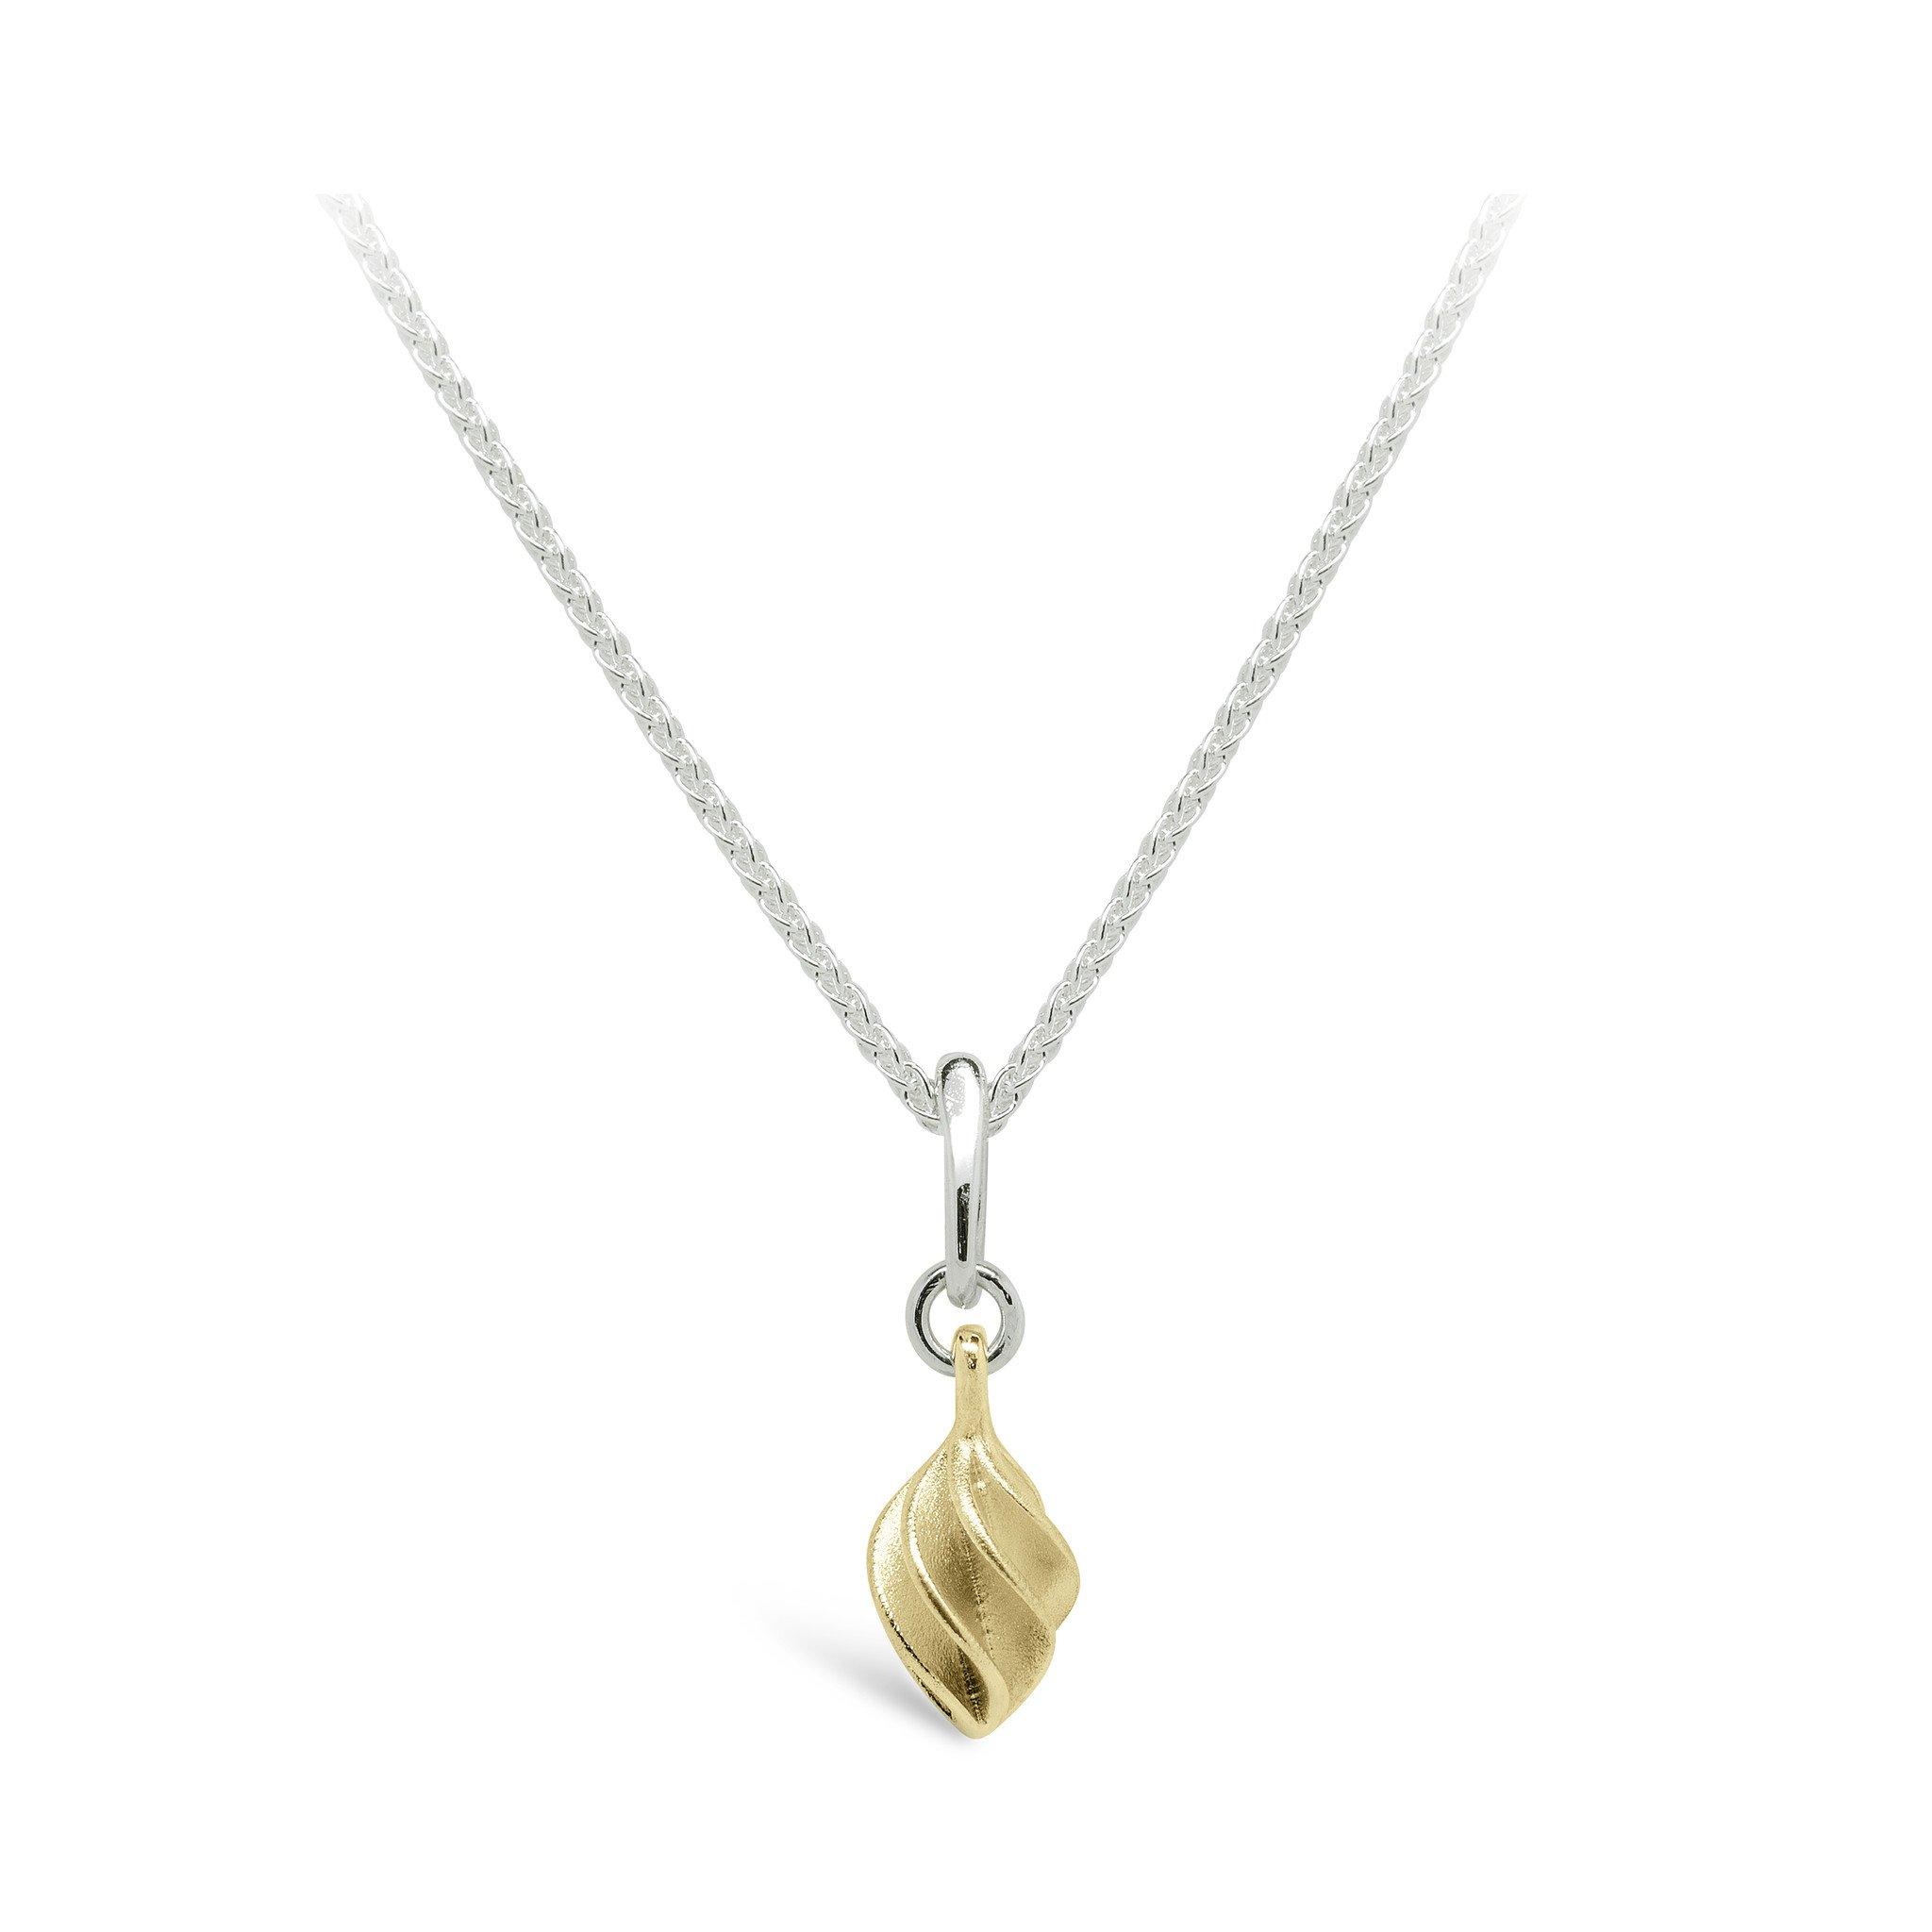 Verso Gold Small Single Pendant